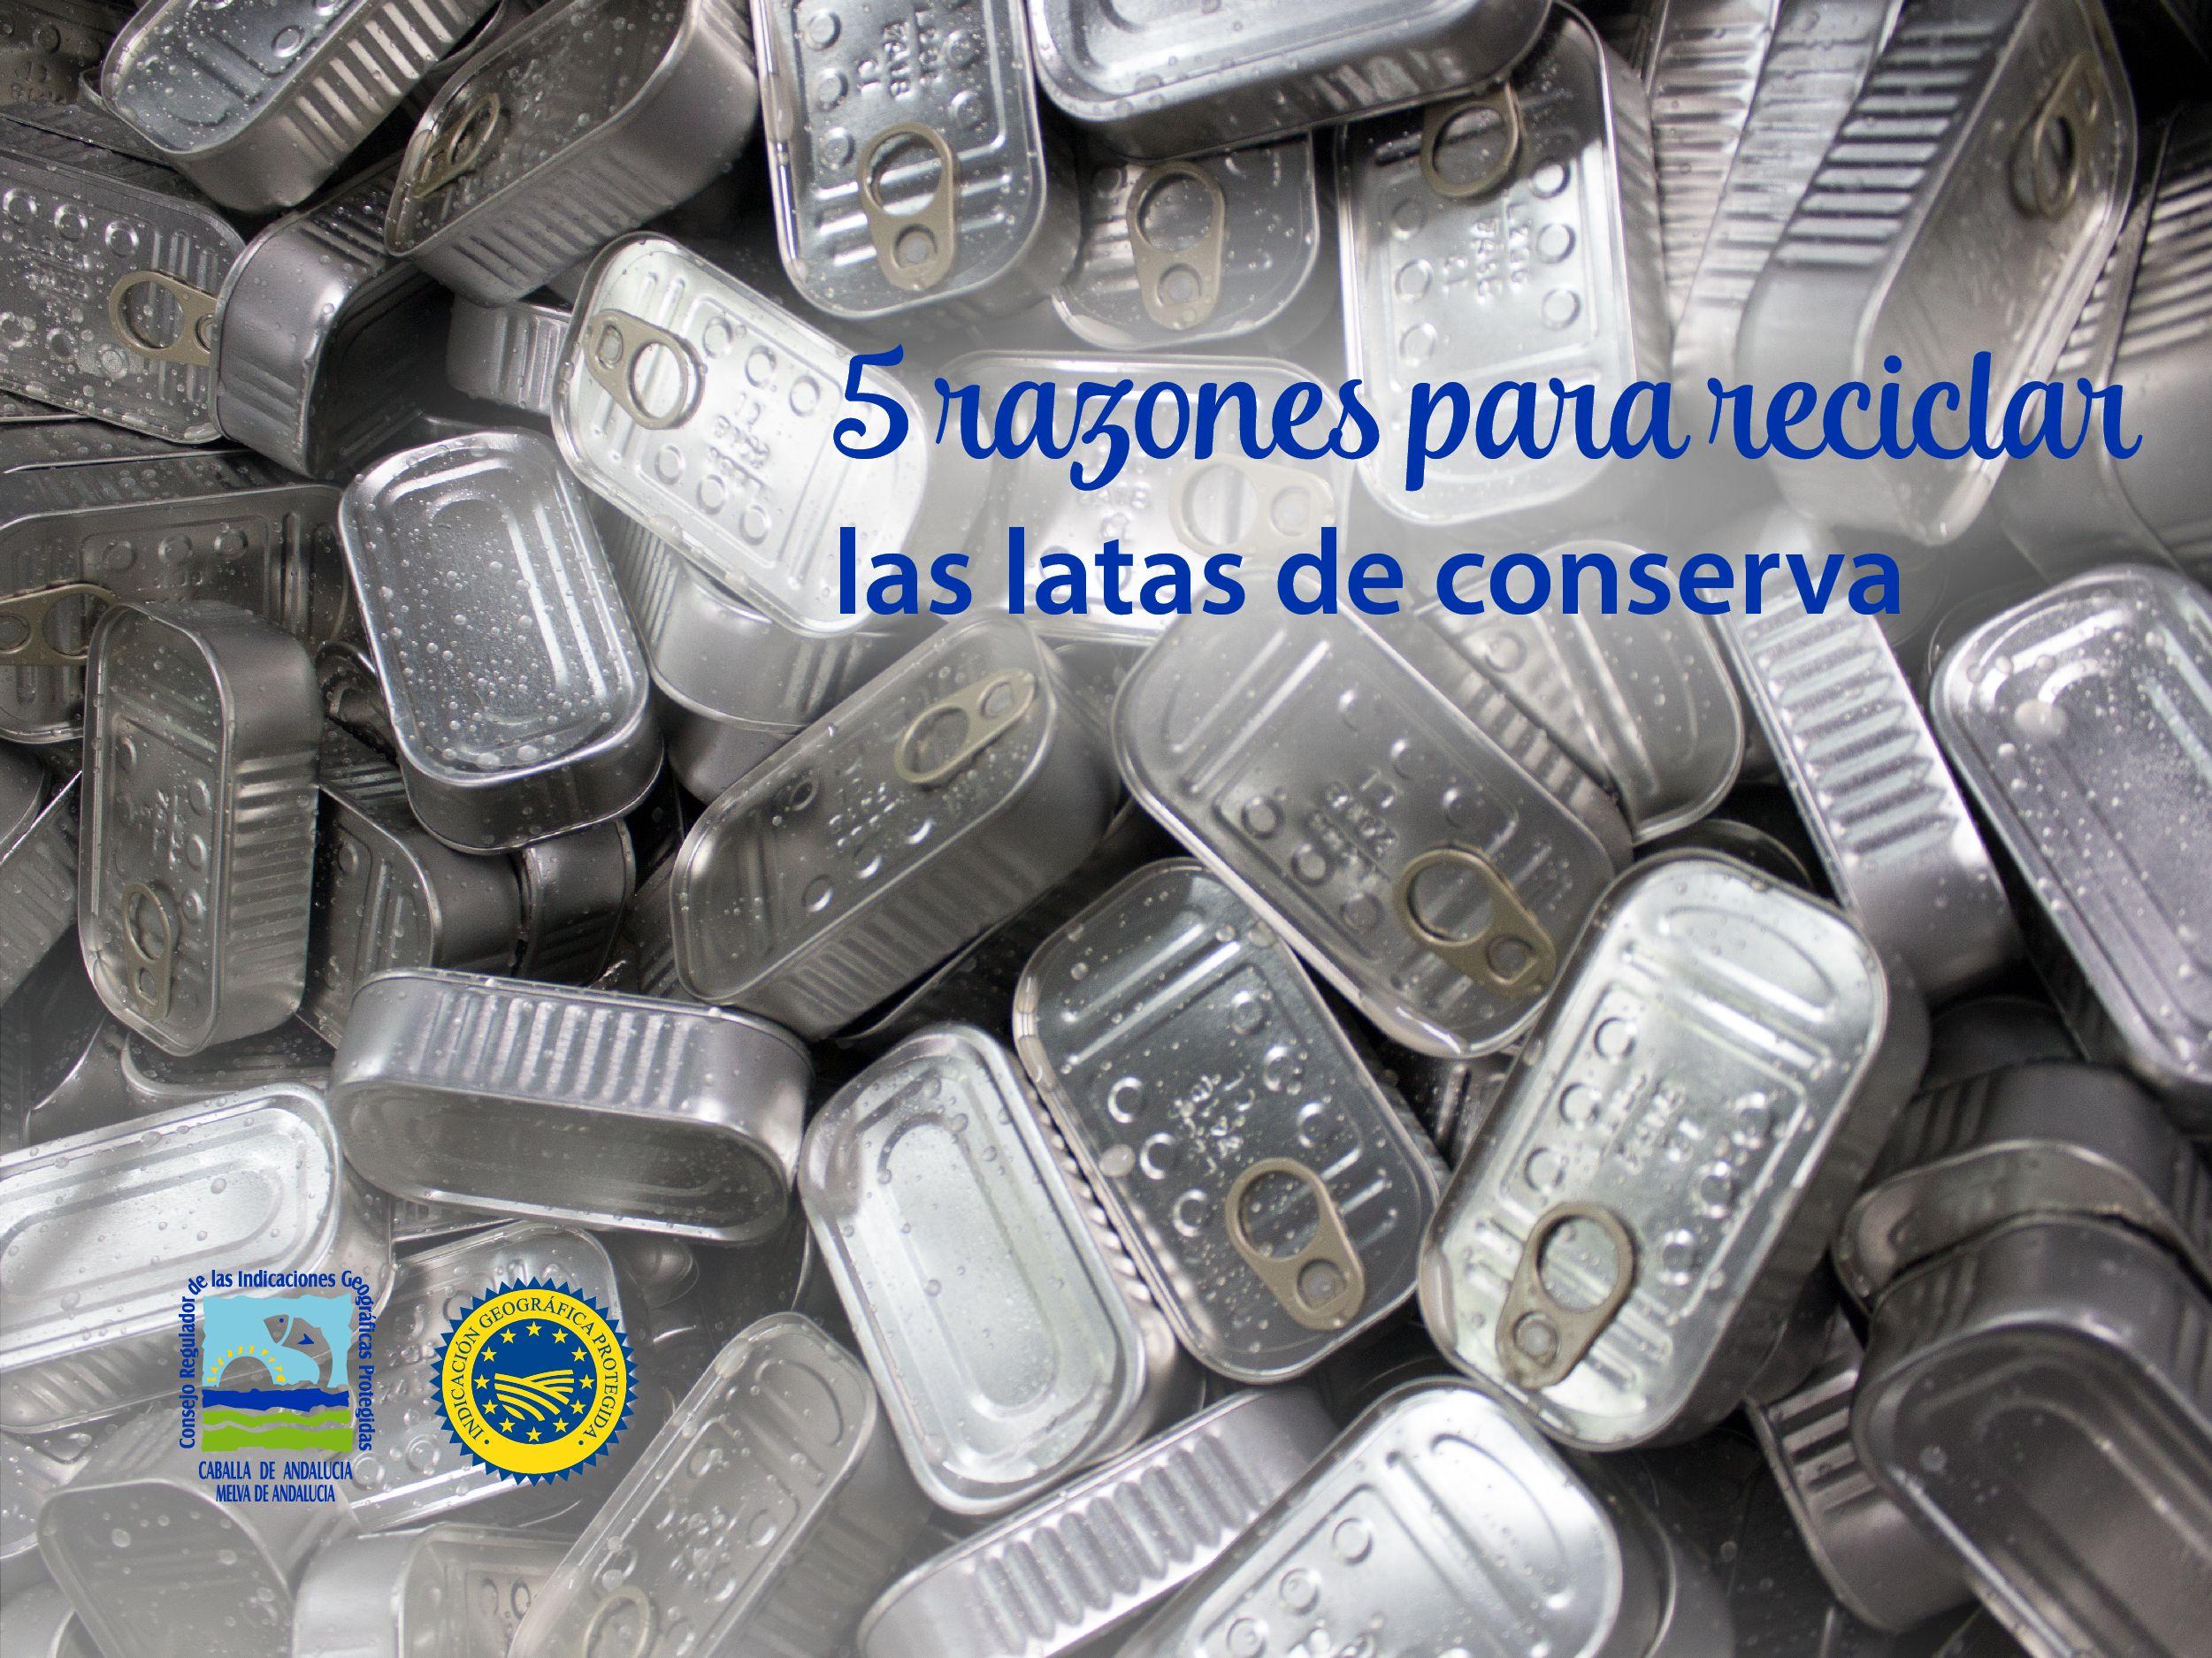 5 razones por las que debes reciclar las latas de conserva del Consejo Regulador